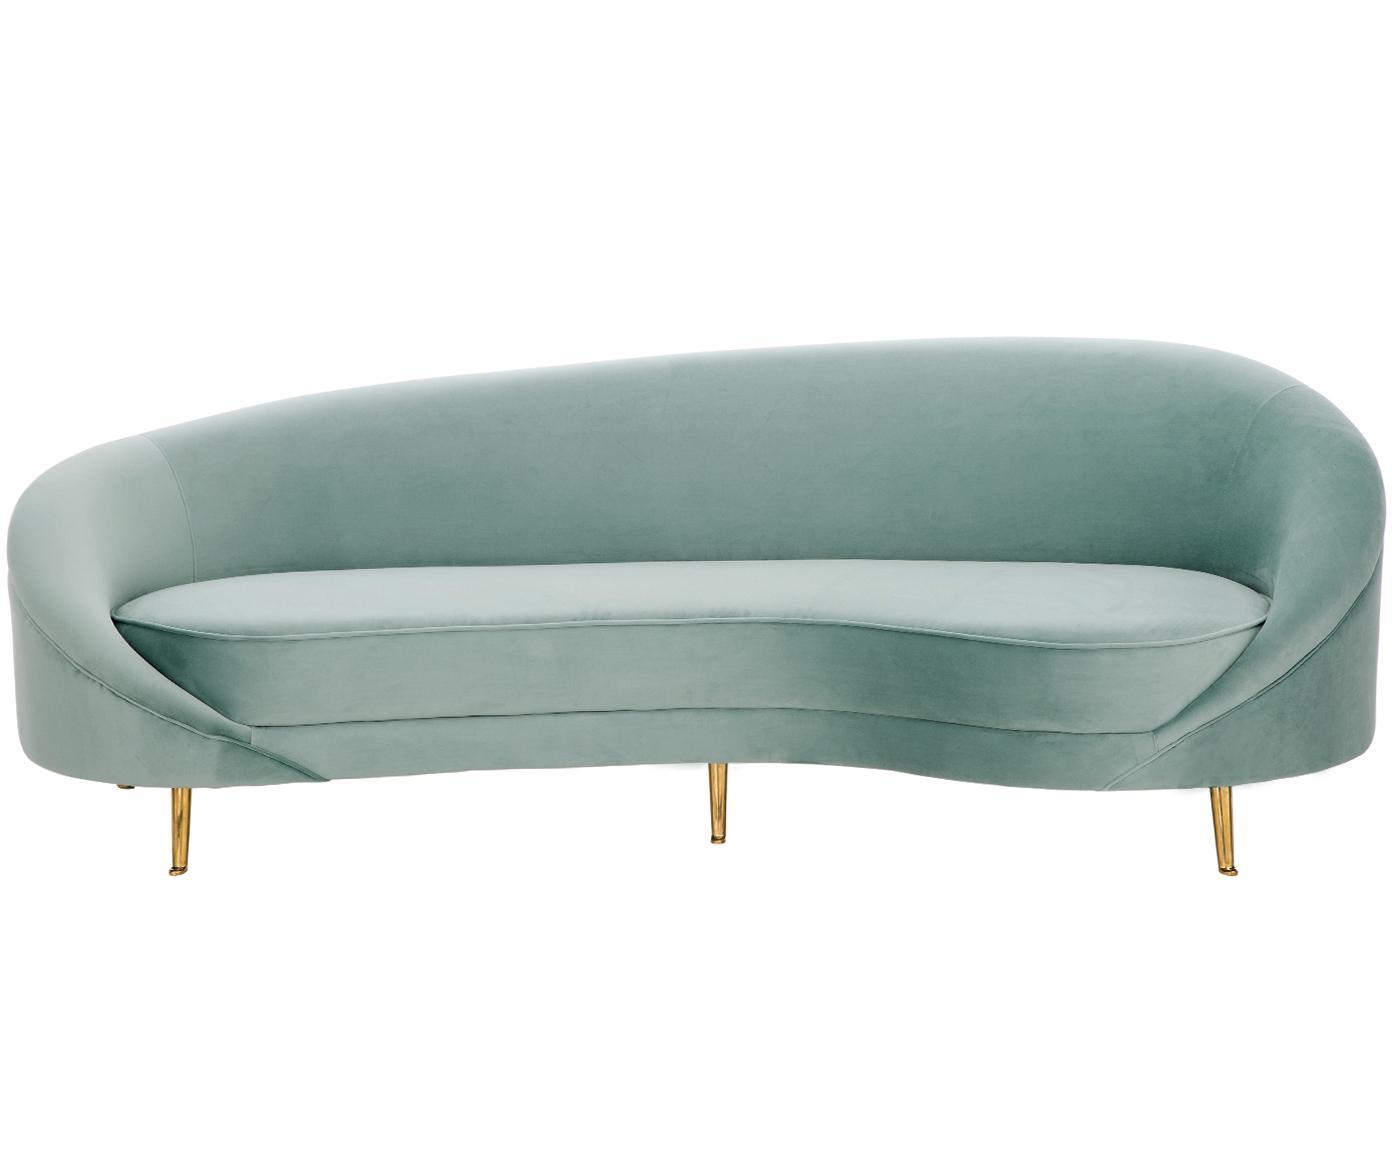 Sofa z aksamitu w kształcie nerki Gatsby (3-osobowa), Tapicerka: aksamit (poliester) 2500, Stelaż: lite drewno eukaliptusowe, Tapicerka: pianka na zawieszeniu spr, Nogi: metal galwanizowany, Aksamitny turkusowy, S 245 x G 102 cm